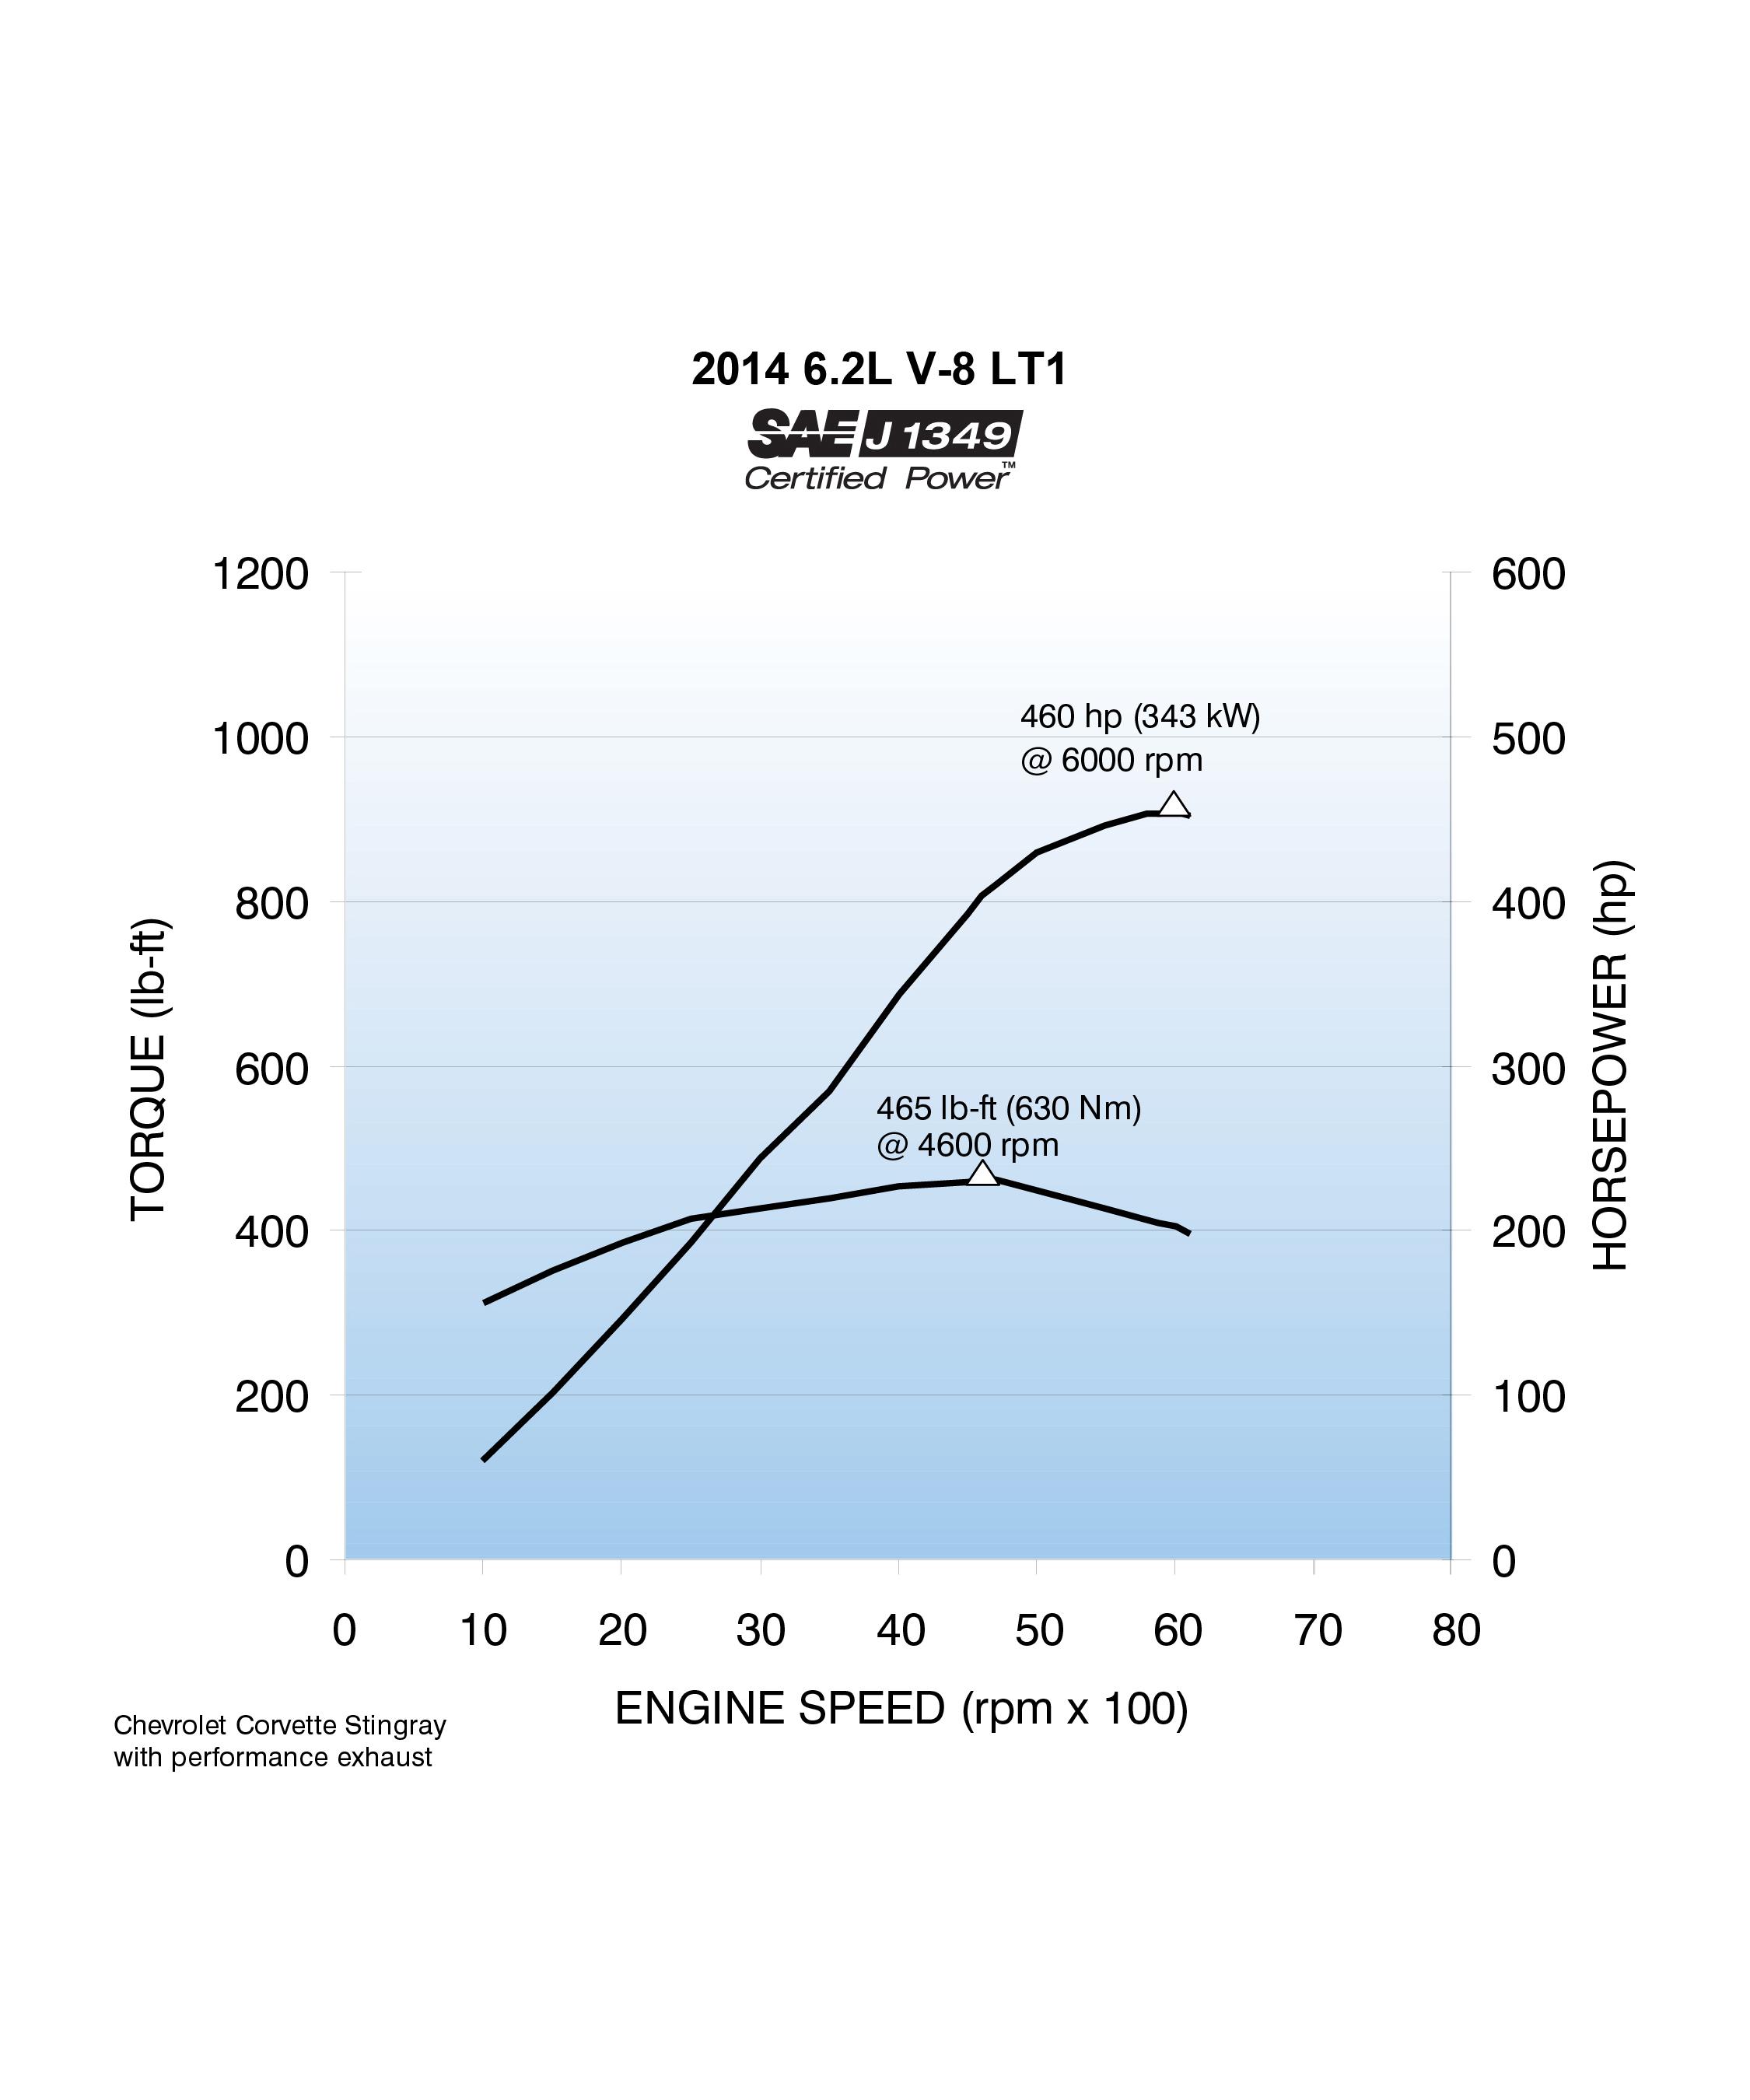 Chevy Engine Size Chart Audi Diagram Torque Head 2014 Corvette Stingray Cranks Out 460 Horsepower